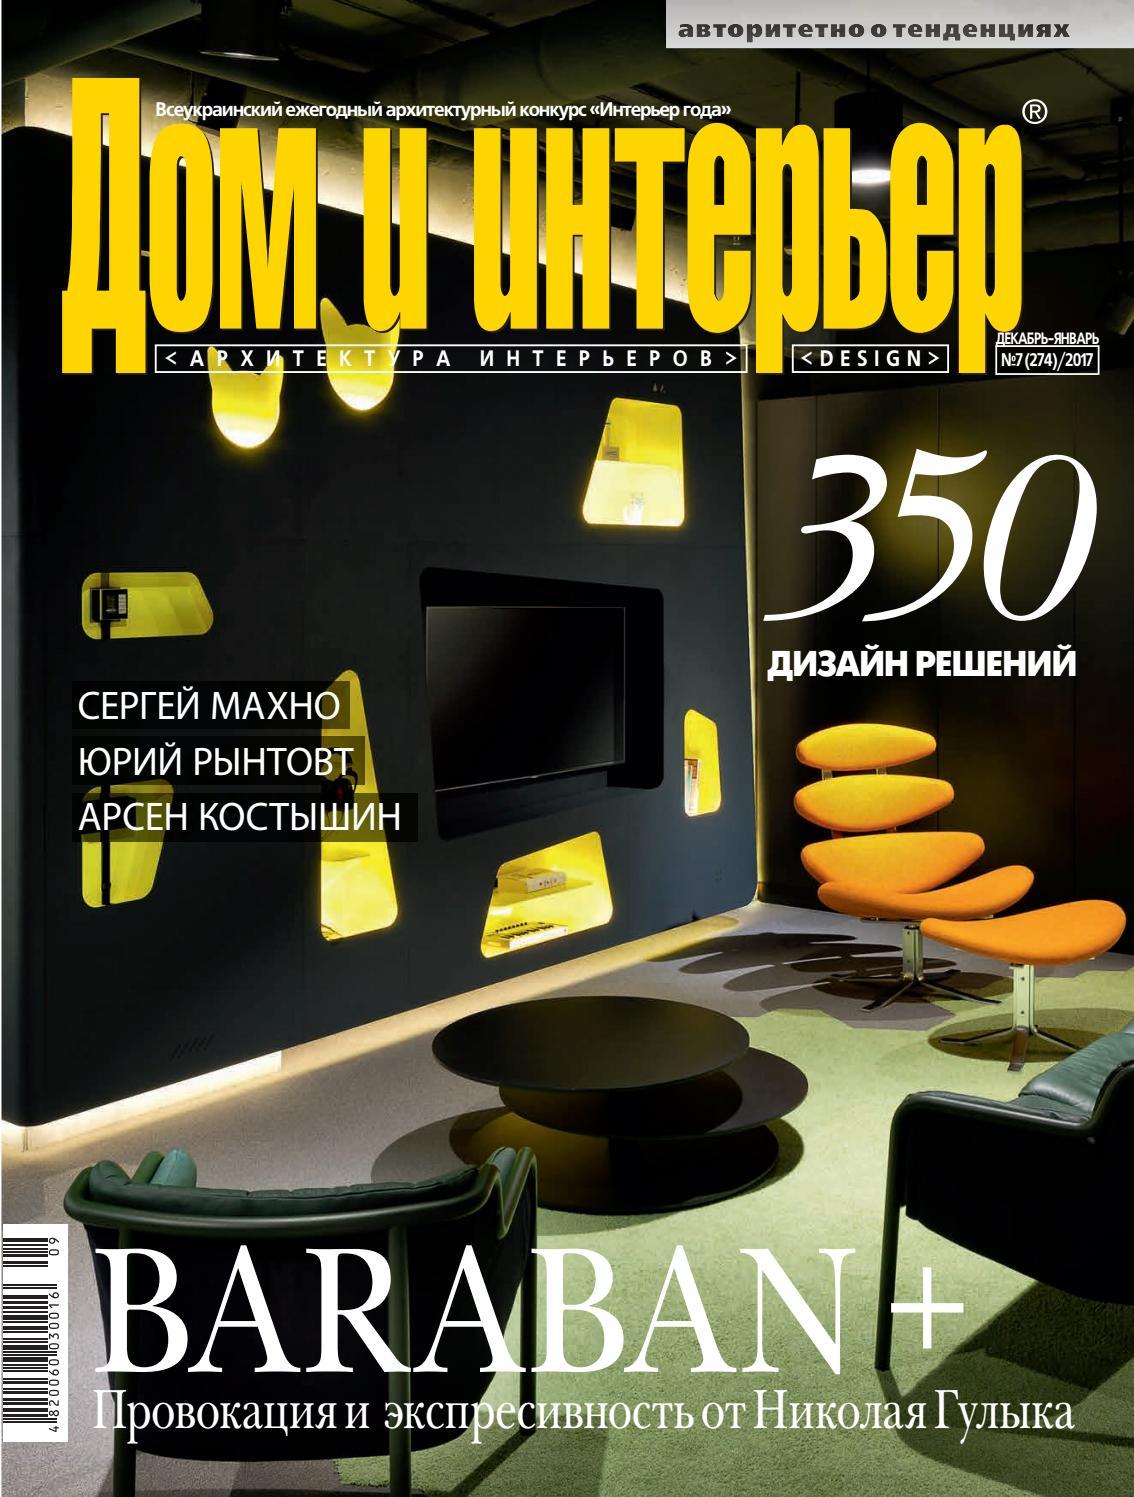 журнал наша кухня за июль 2012 года